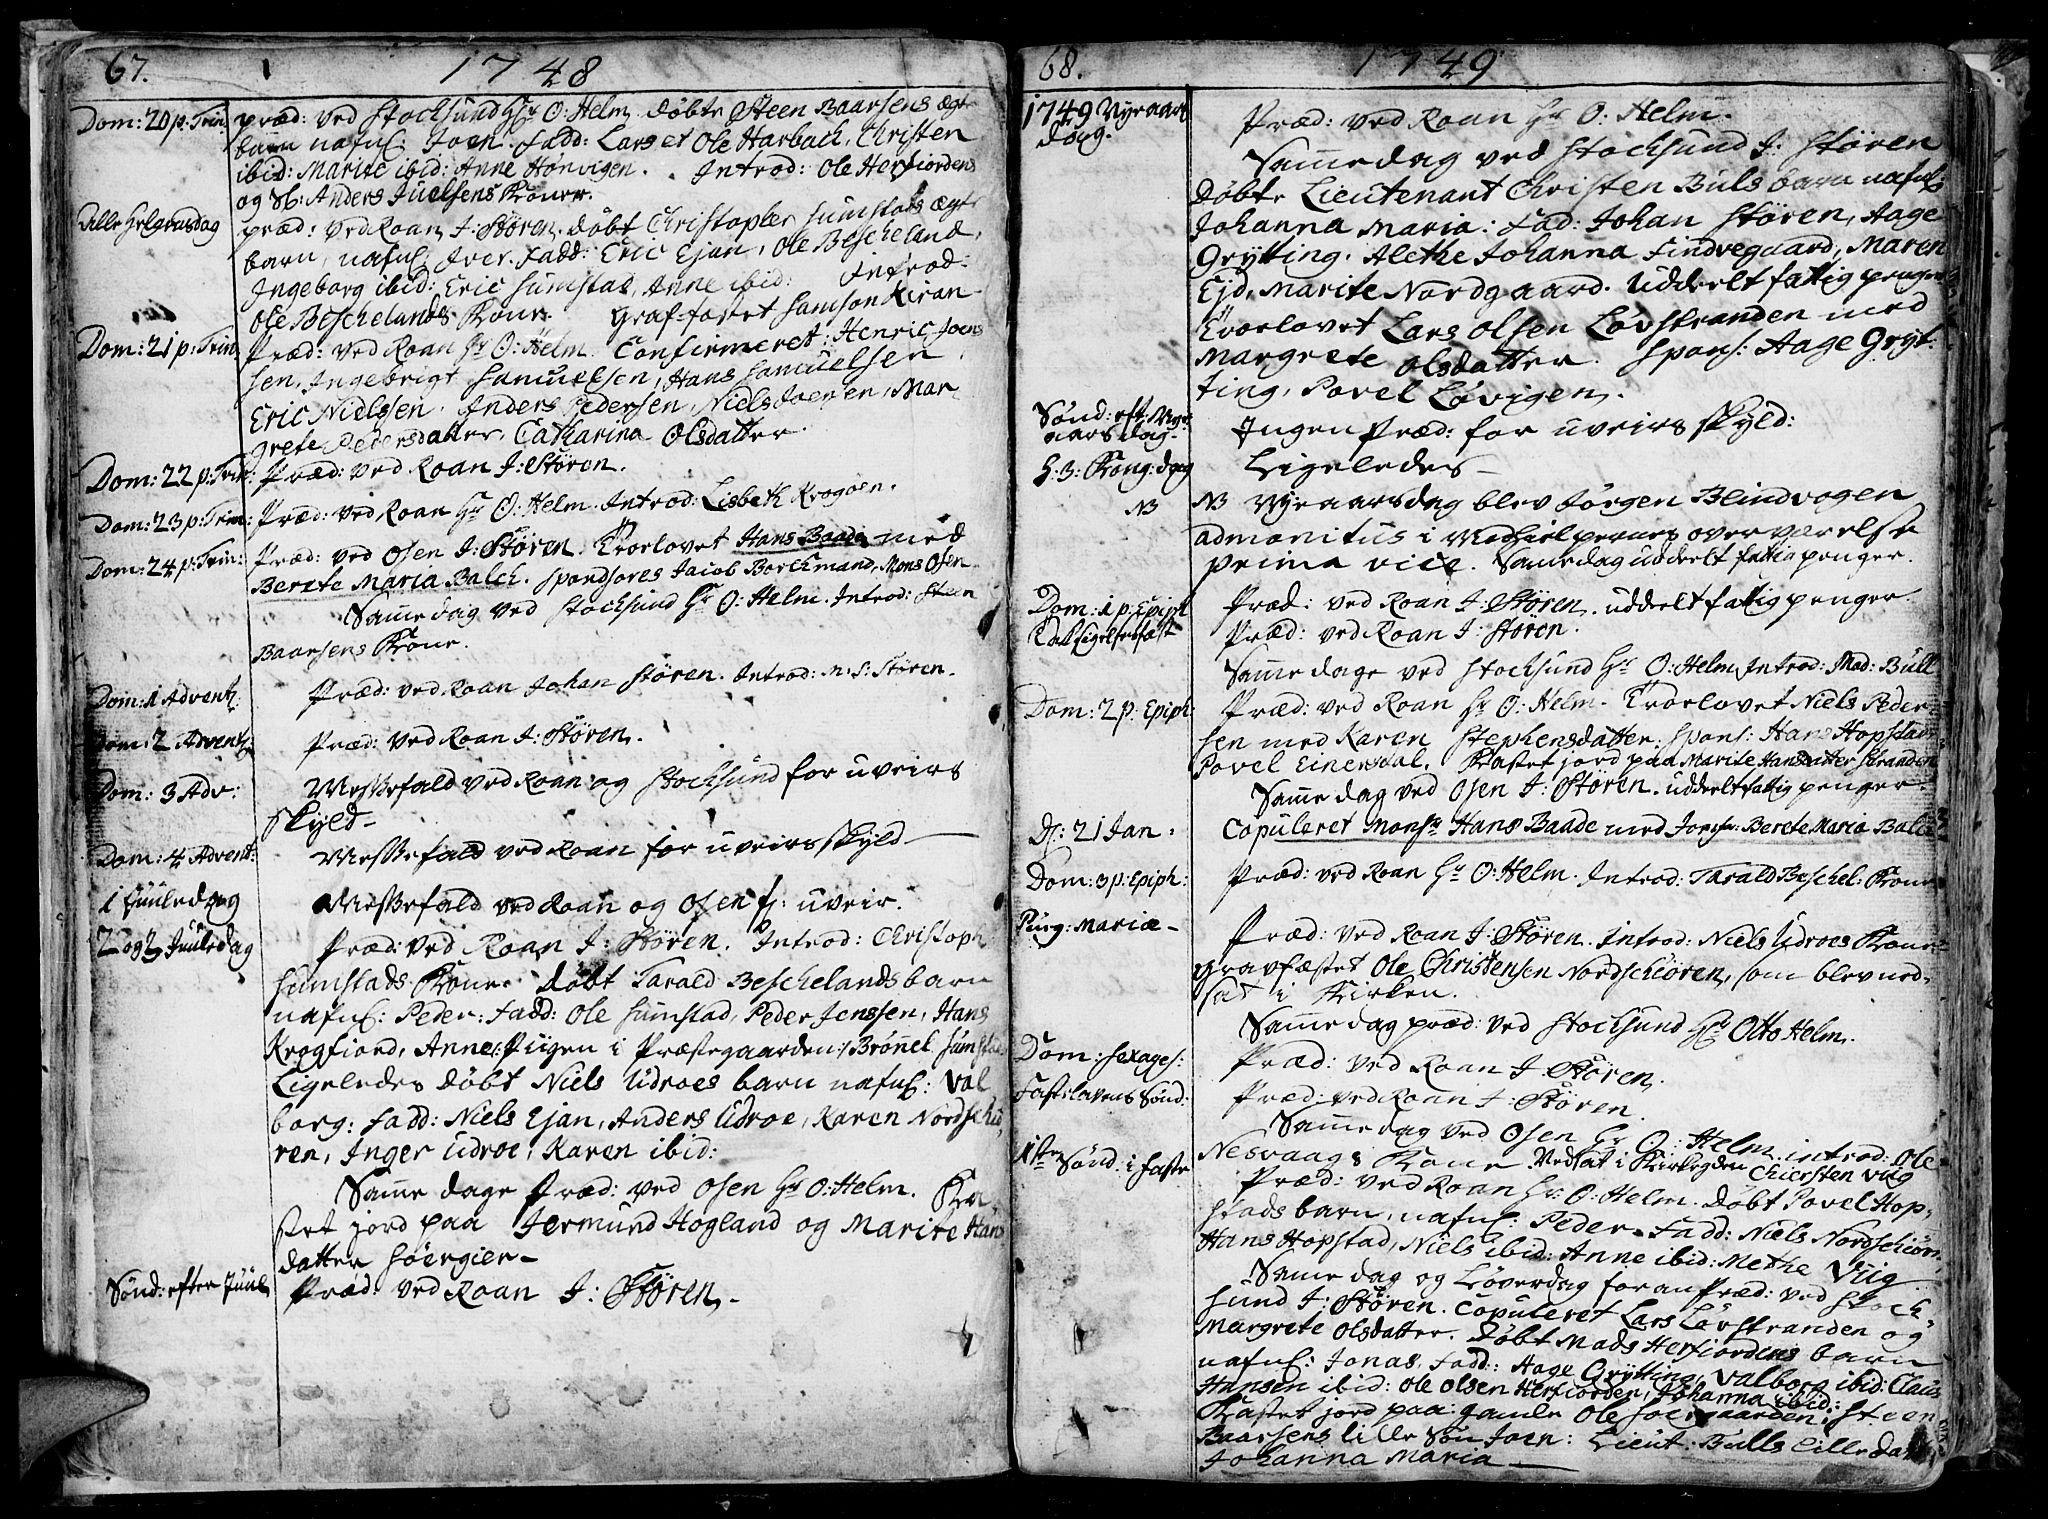 SAT, Ministerialprotokoller, klokkerbøker og fødselsregistre - Sør-Trøndelag, 657/L0700: Ministerialbok nr. 657A01, 1732-1801, s. 66-67